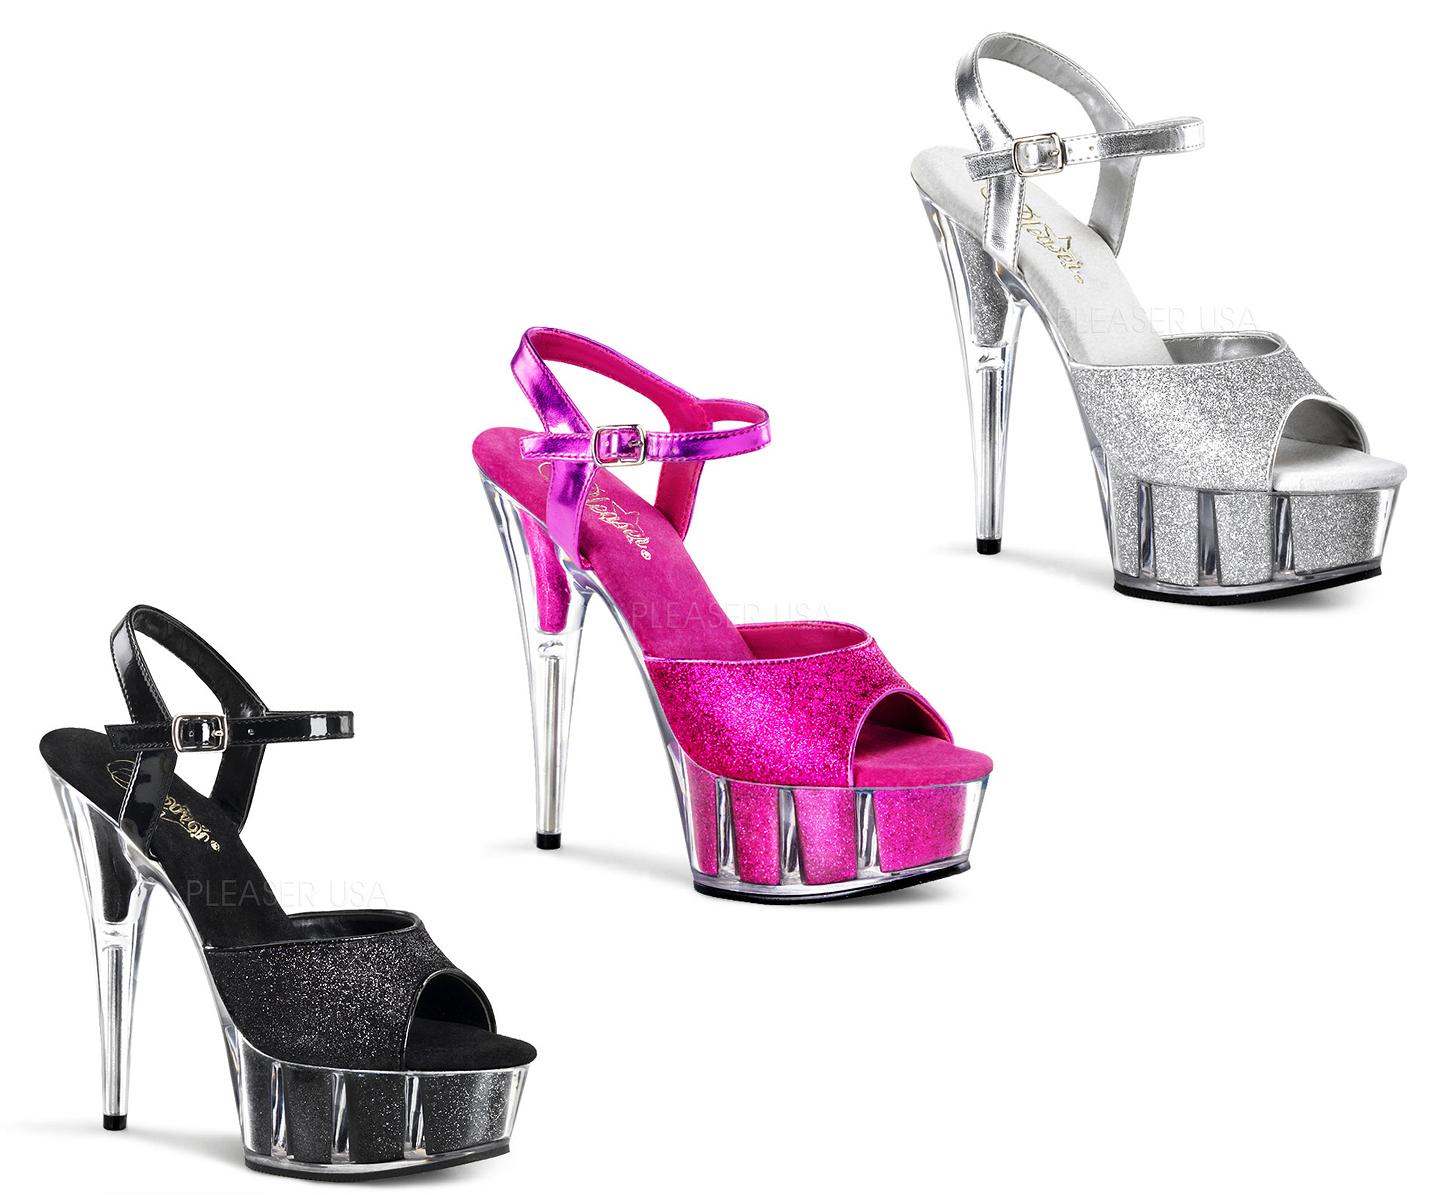 la migliore moda Pleaser Exotic Dancing DELIGHT-609-5G Ankle Ankle Ankle Strap Sandal Dimensione 5-14  autentico